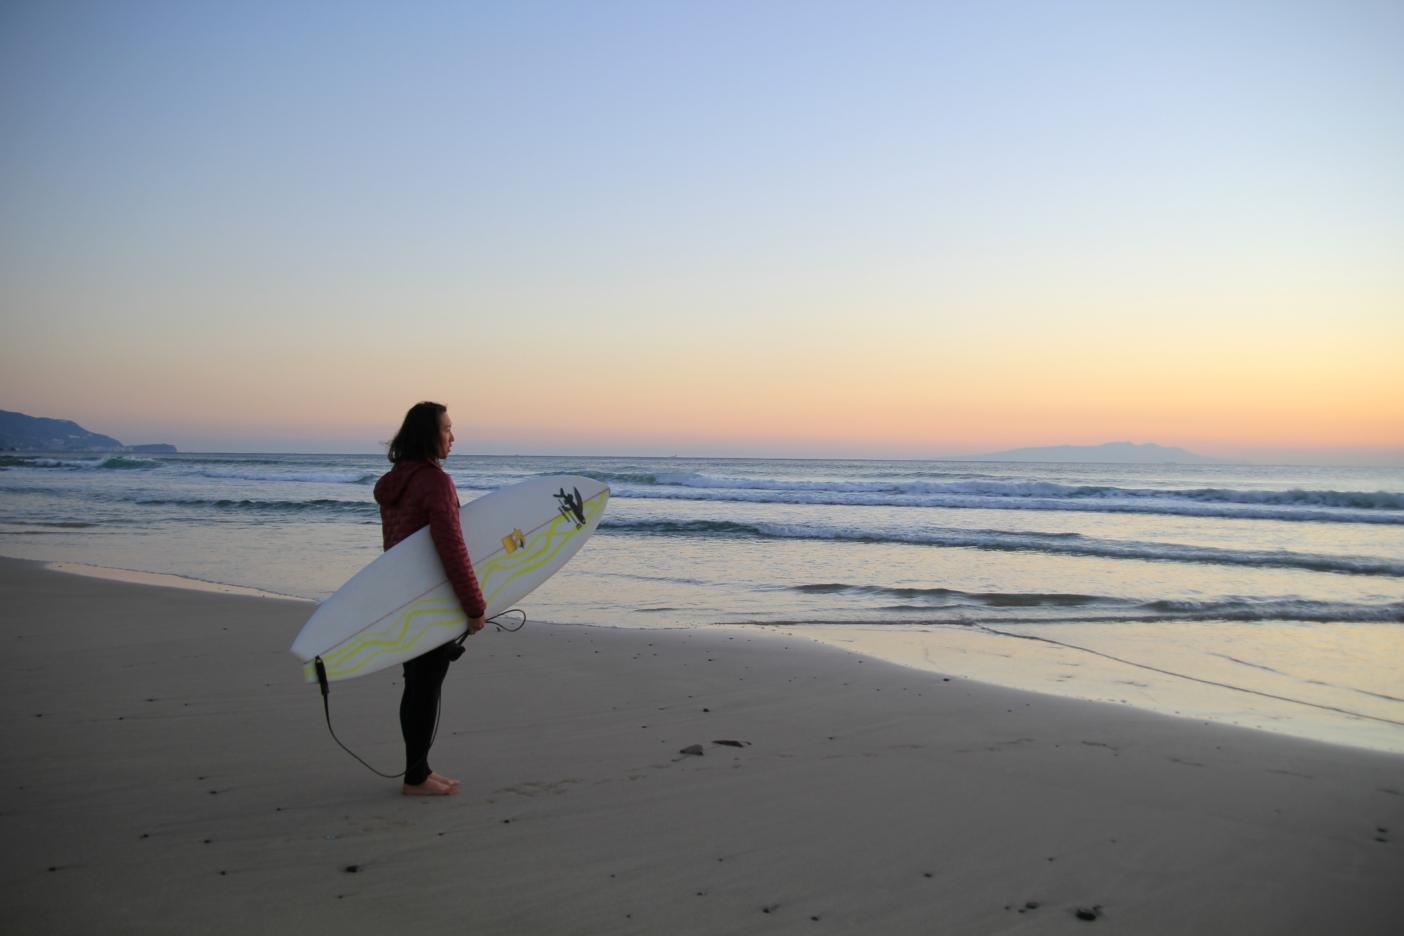 手足かじかむ冬の海、潮風がジャケットを包む。